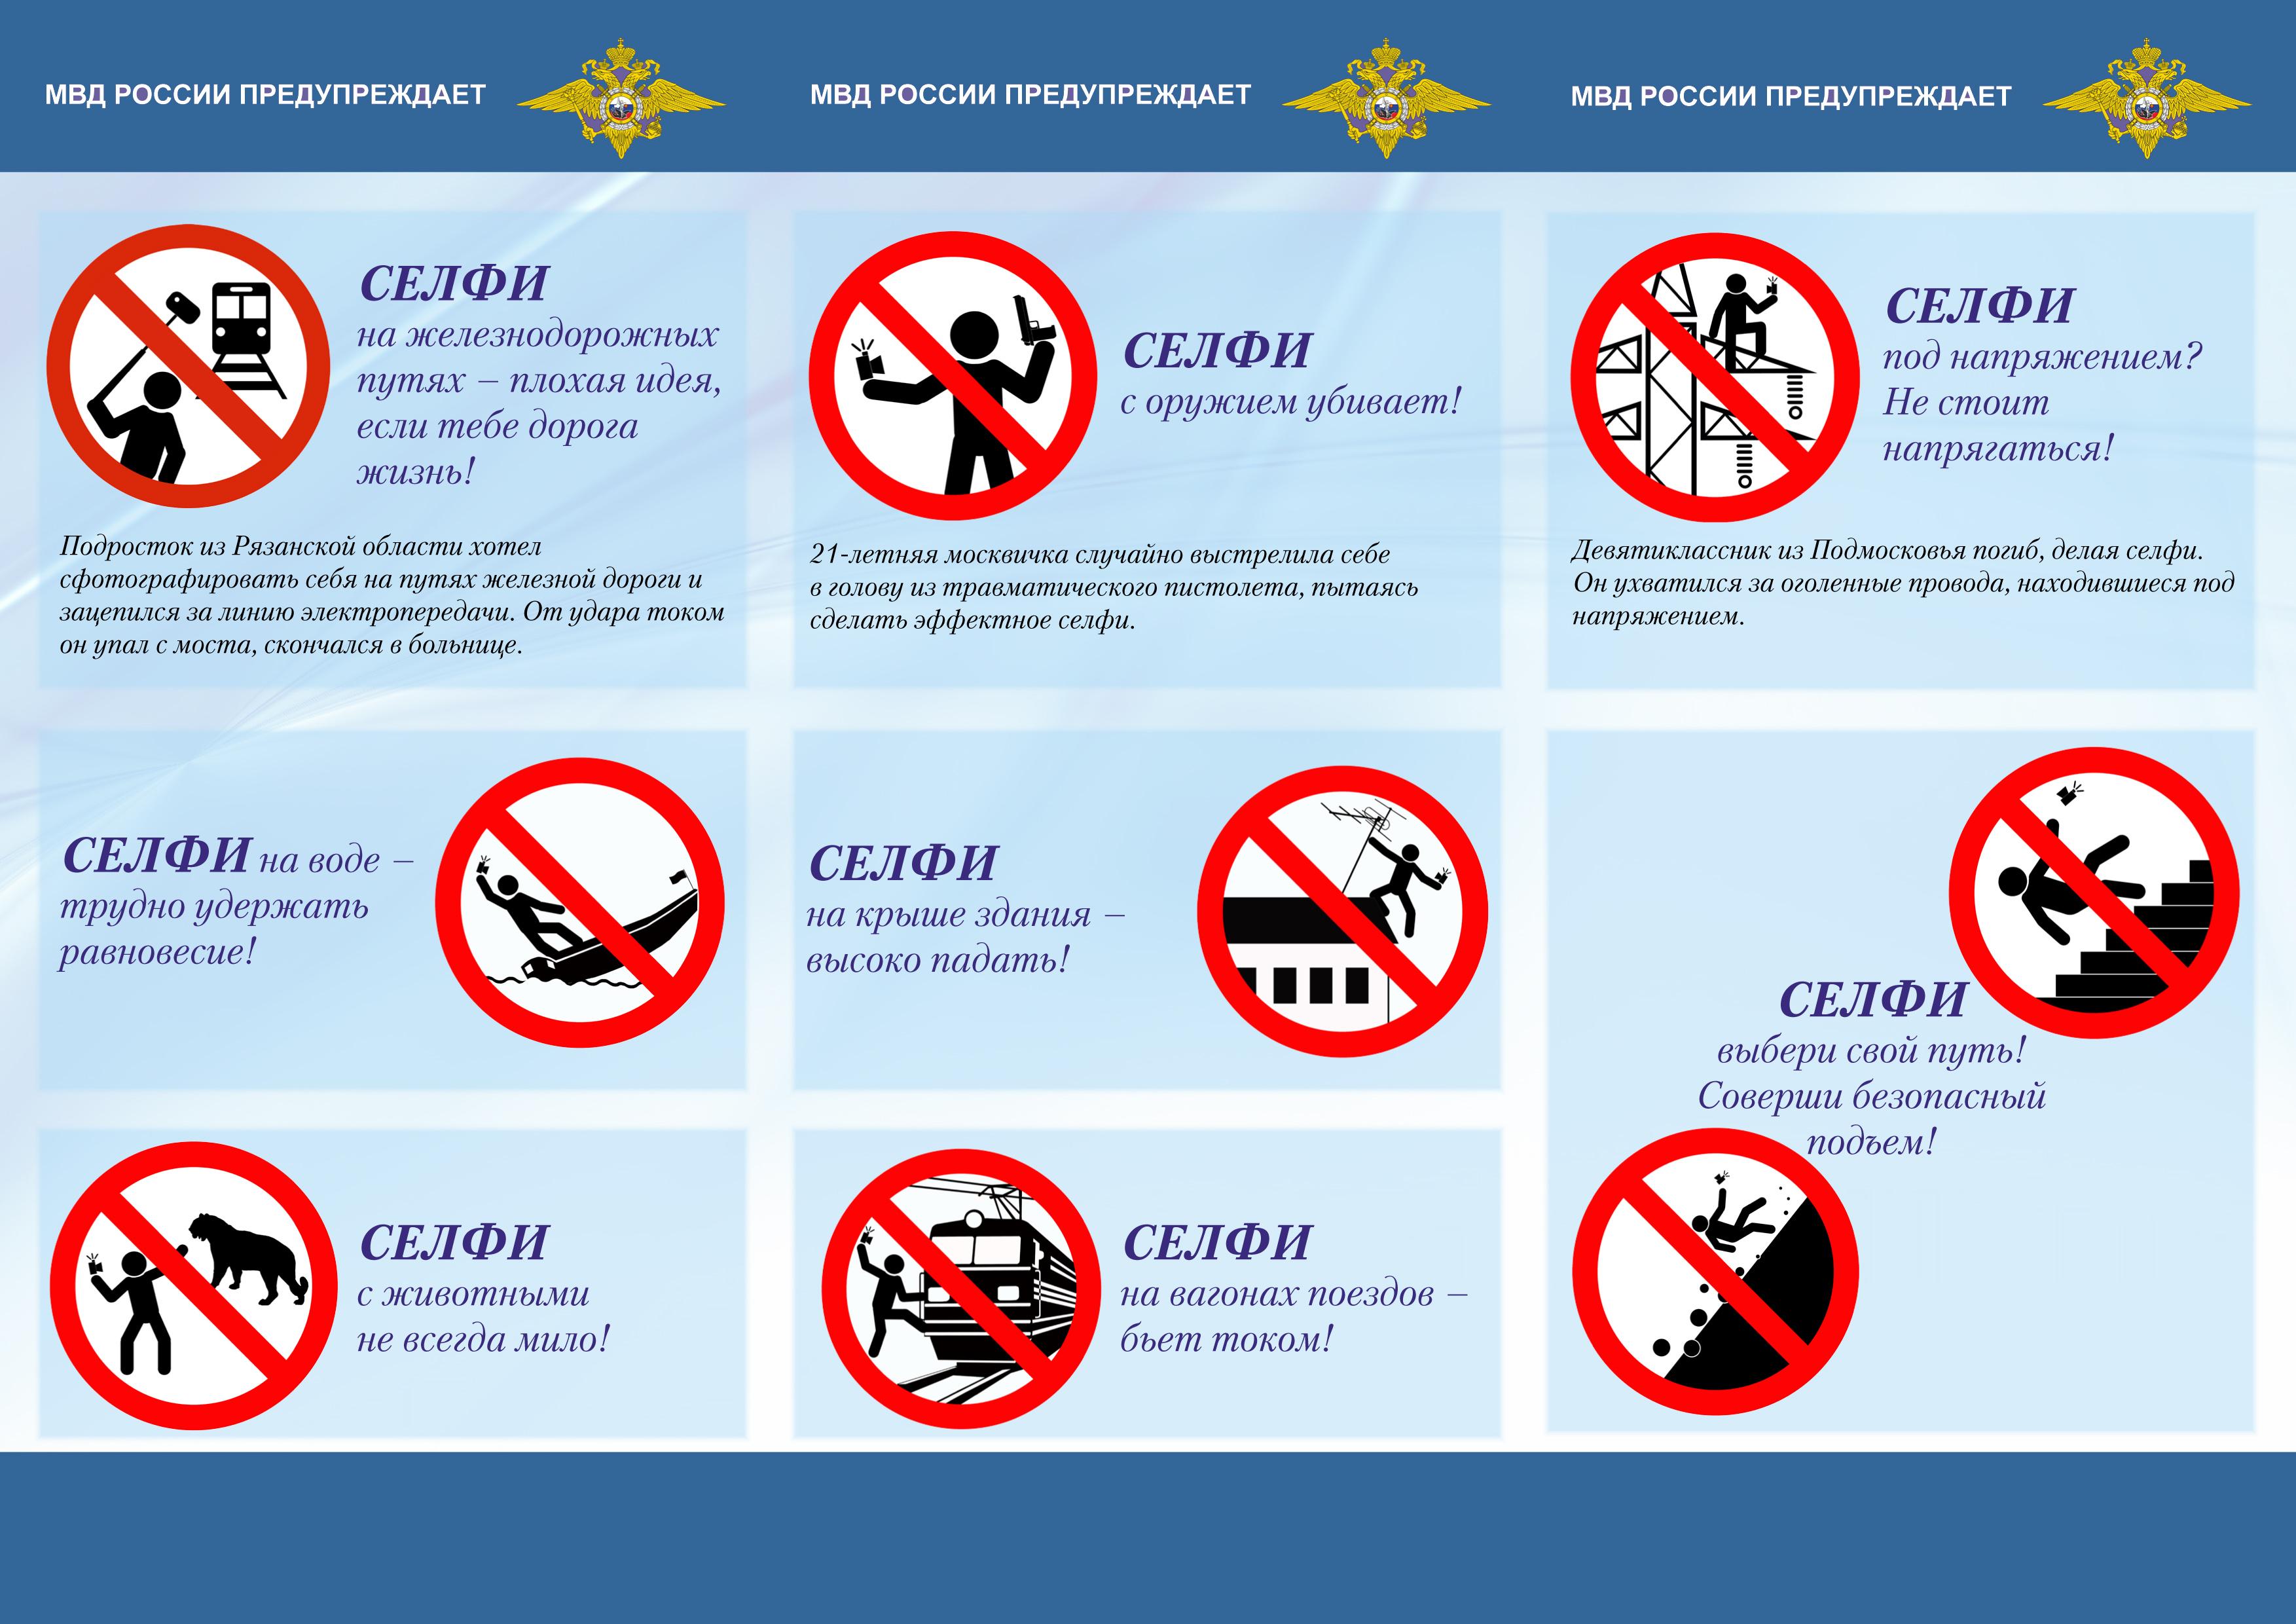 МВД России выпустило памятку о том, как безопасно делать селфи